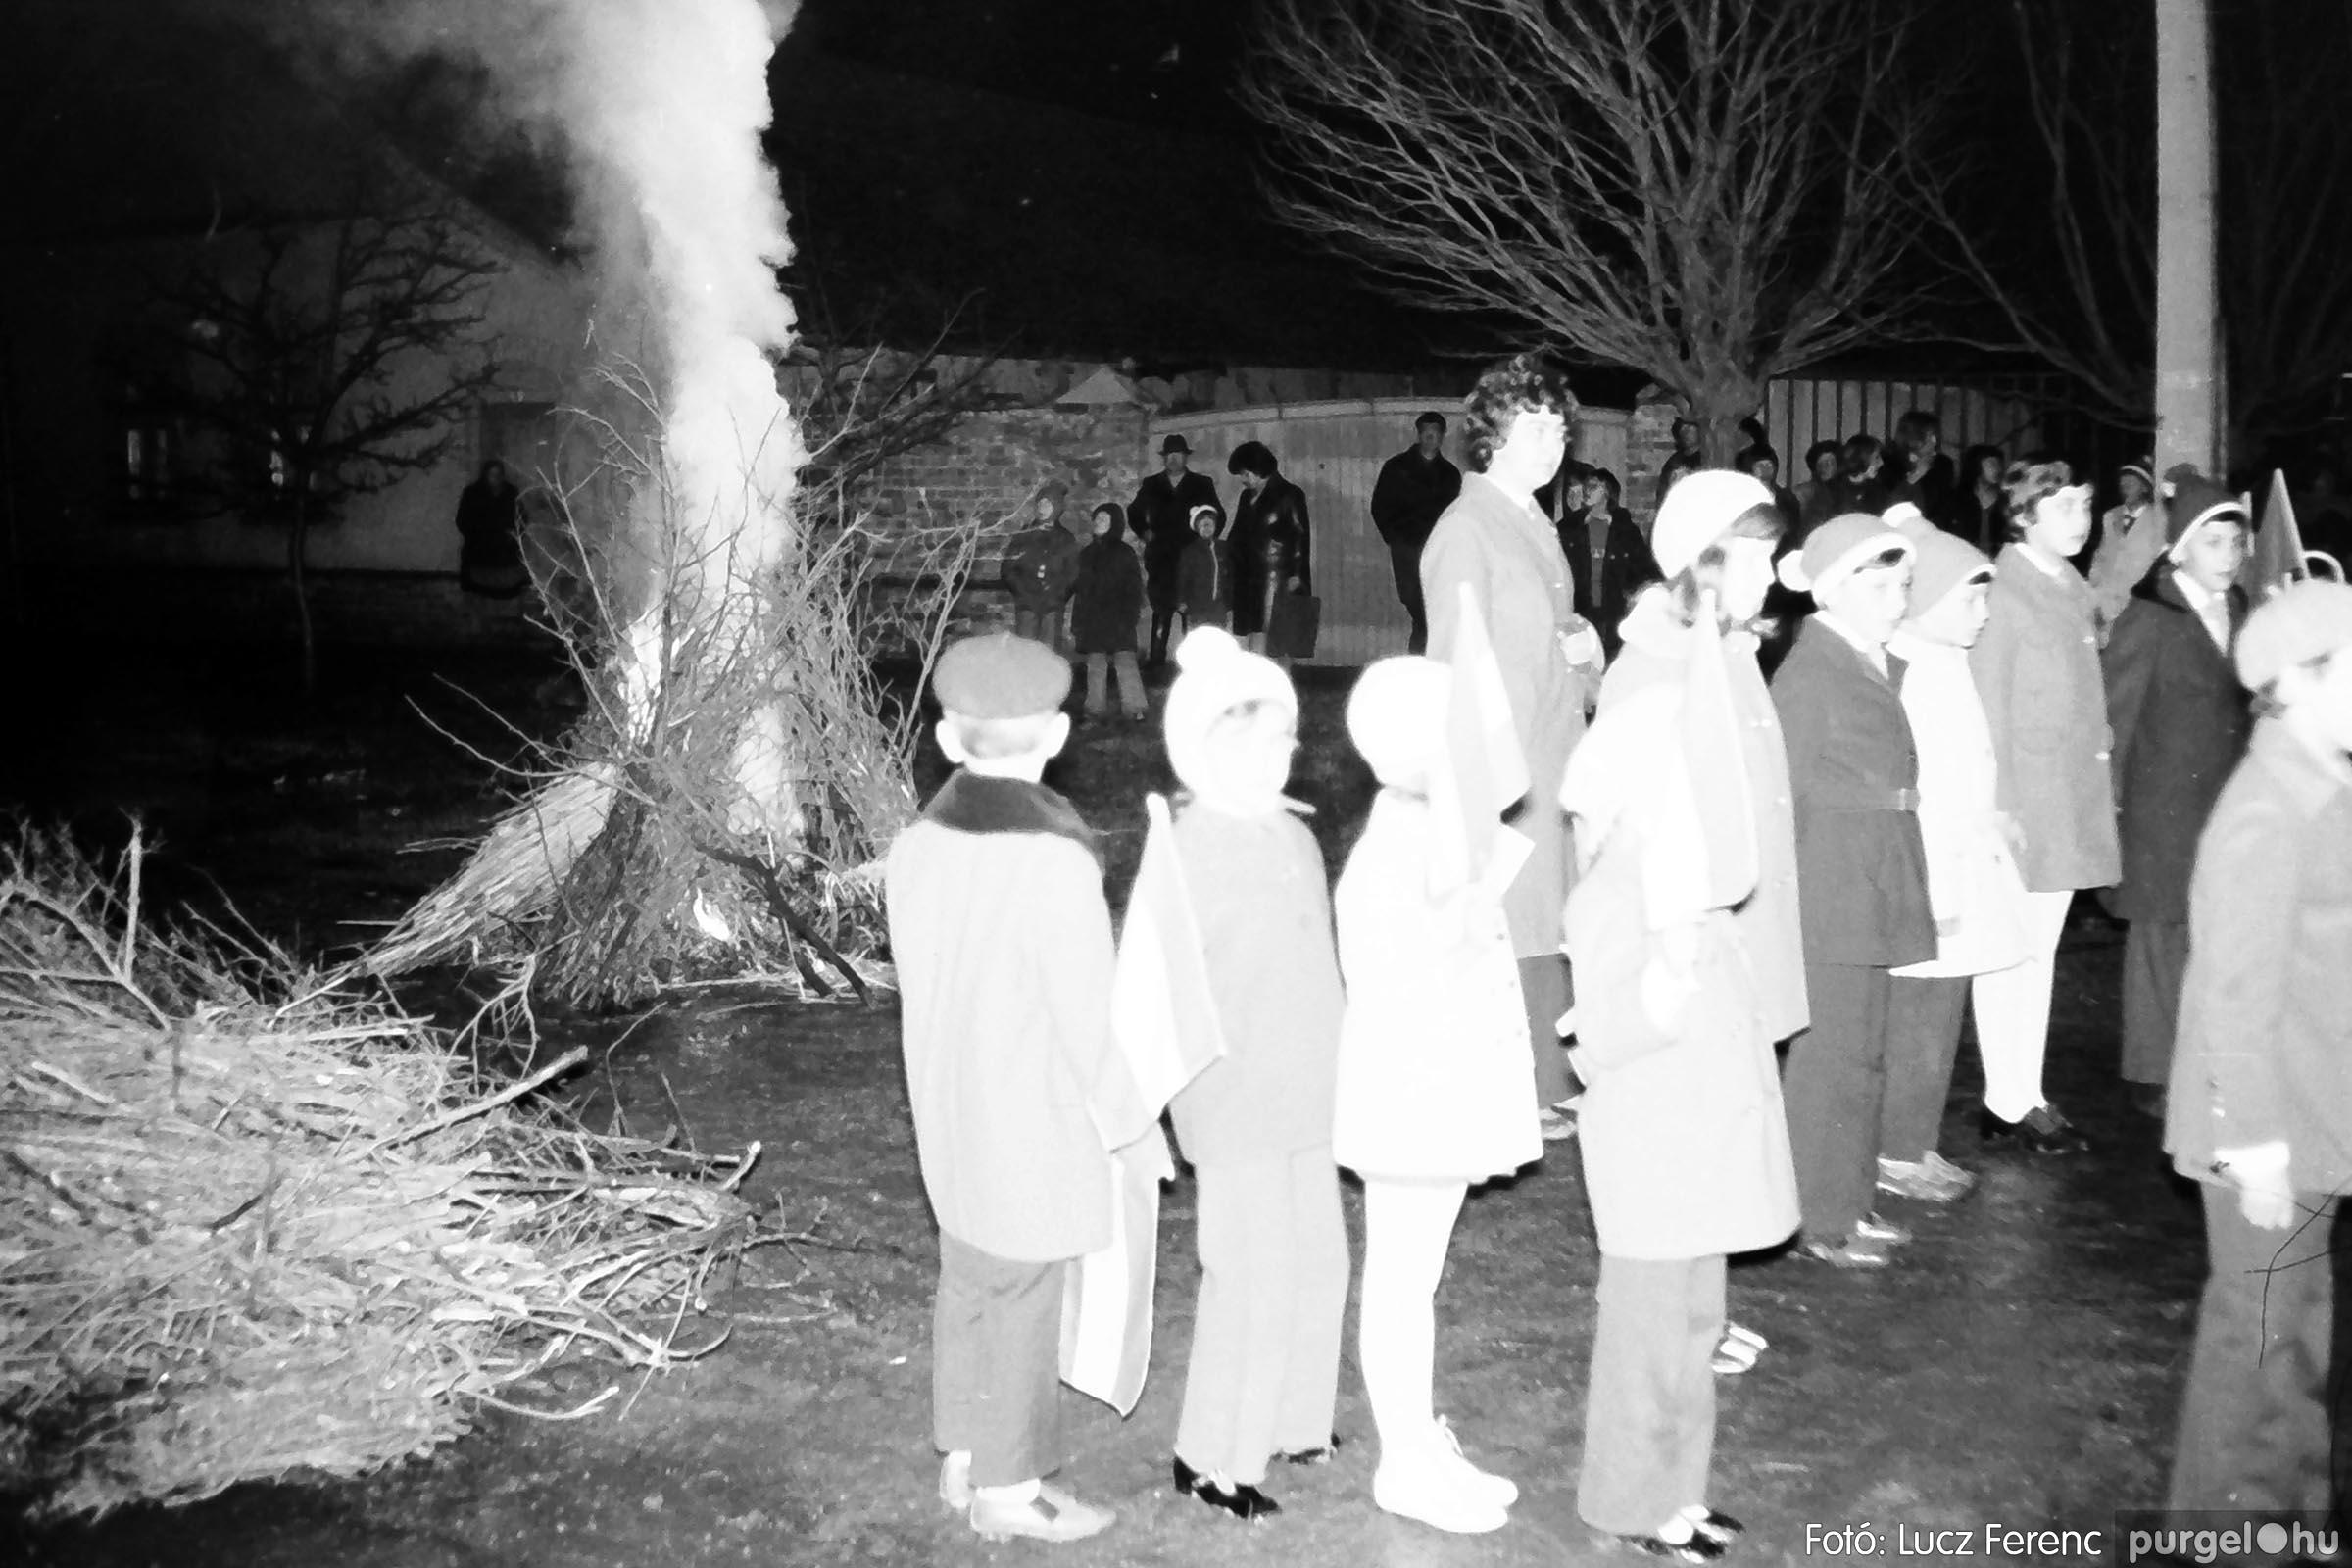 009 1975.04. Tűzgyújtás a kultúrház előtt 003 - Fotó: Lucz Ferenc IMG00185q.jpg